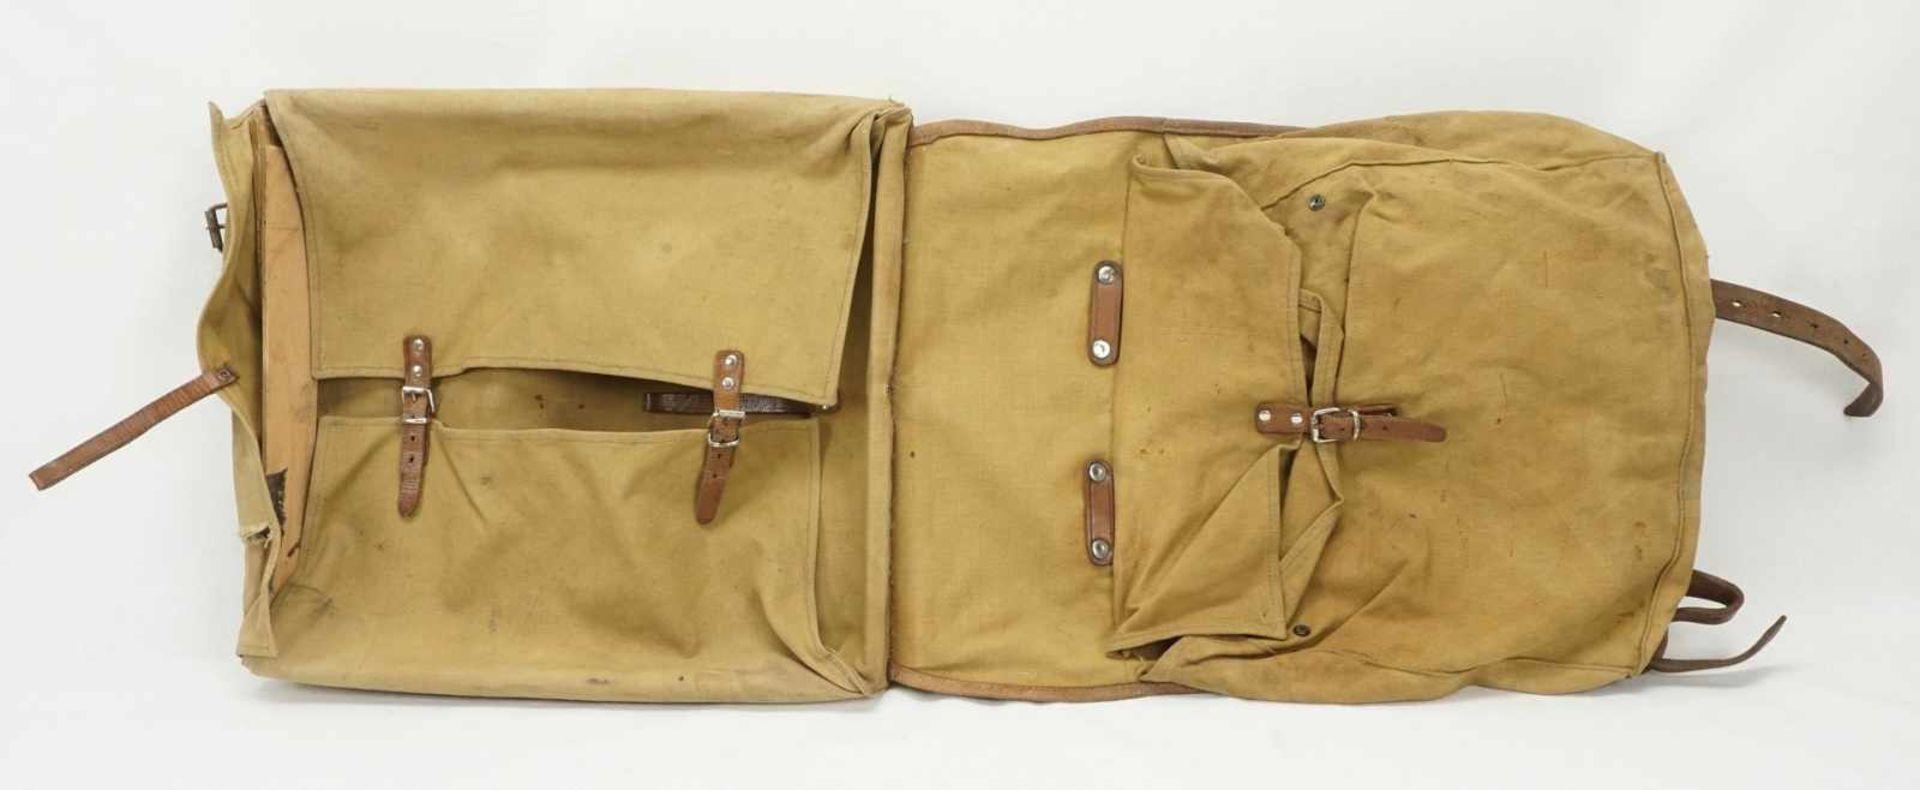 Affe und Rucksack mit Inhalt - Bild 4 aus 4